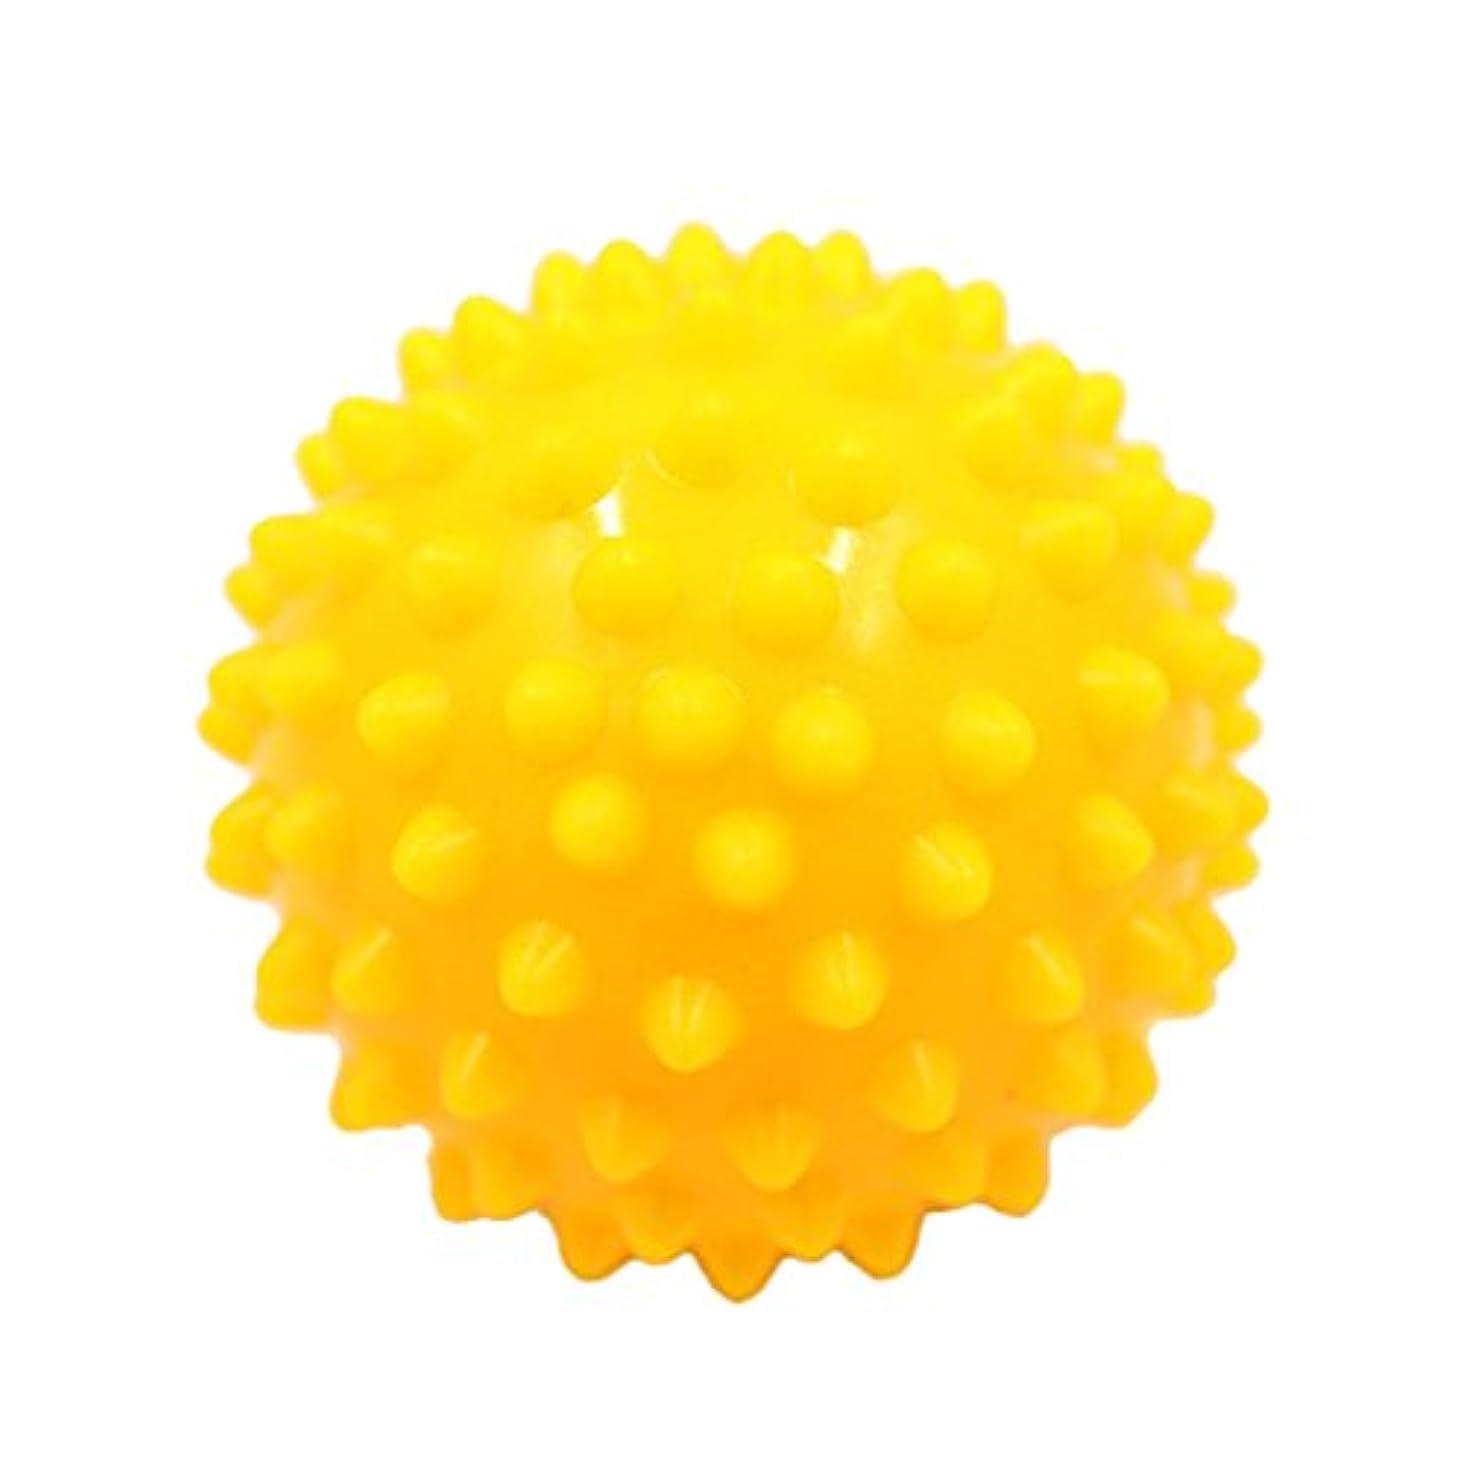 シリーズひねり軸Kesoto マッサージボール マッサージ器 ボディ パームレリーフ スパイク マッサージ 刺激ボール 3色選べ - 黄